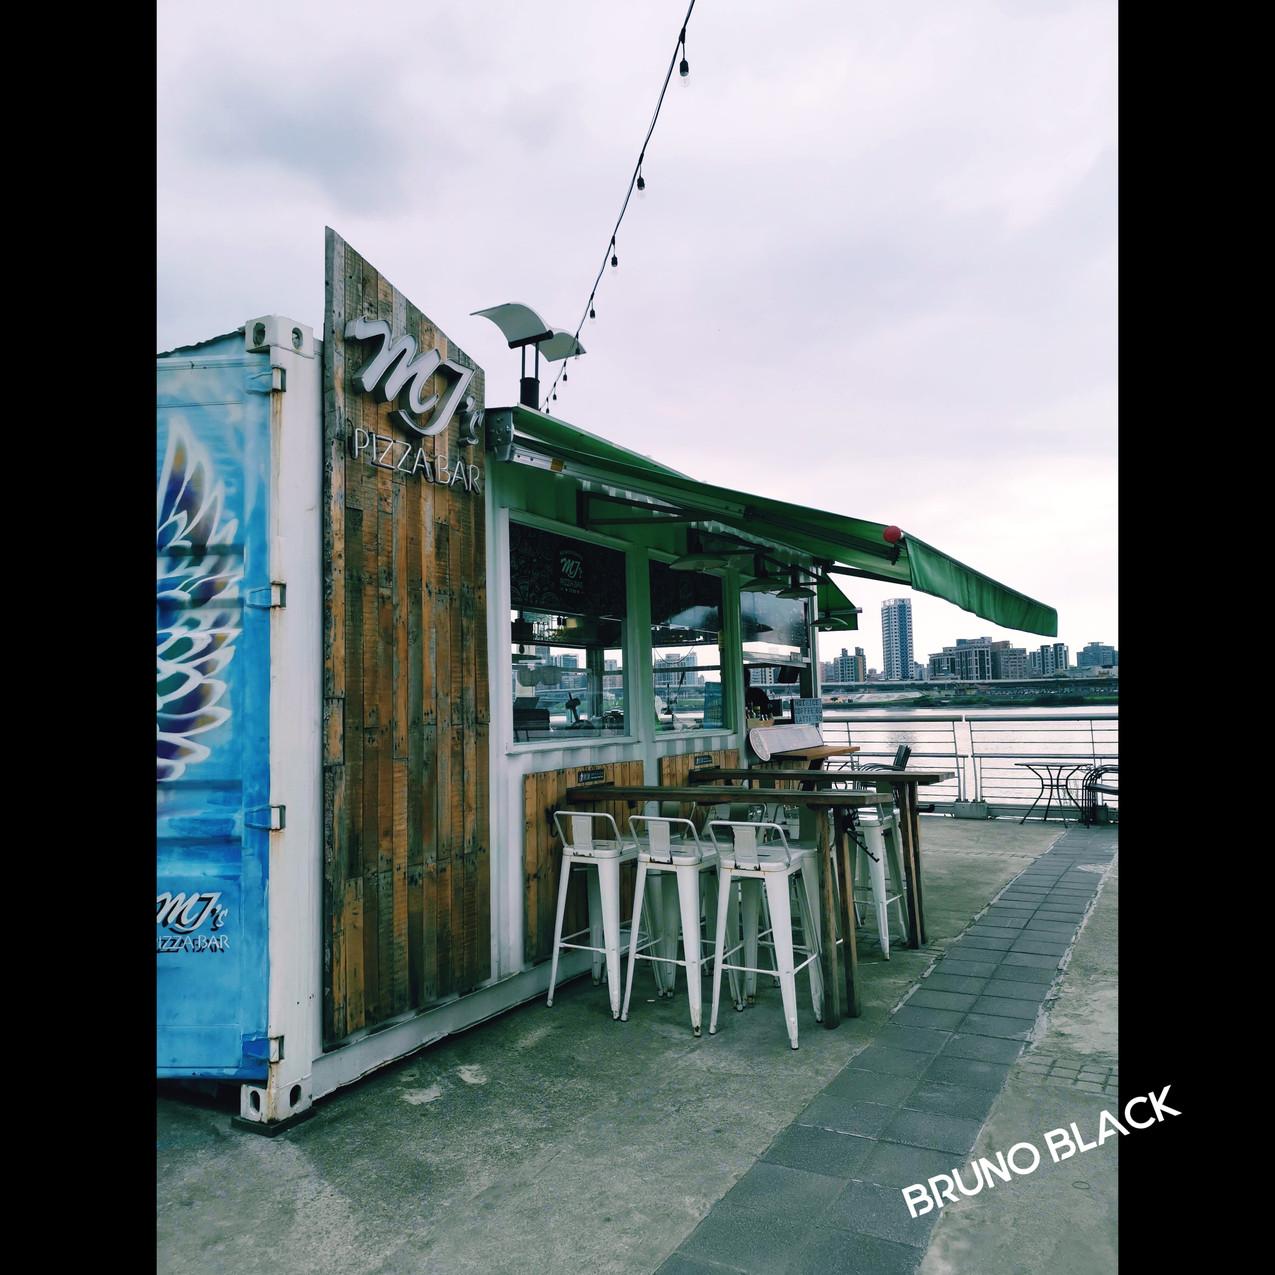 Photo_1571633969948